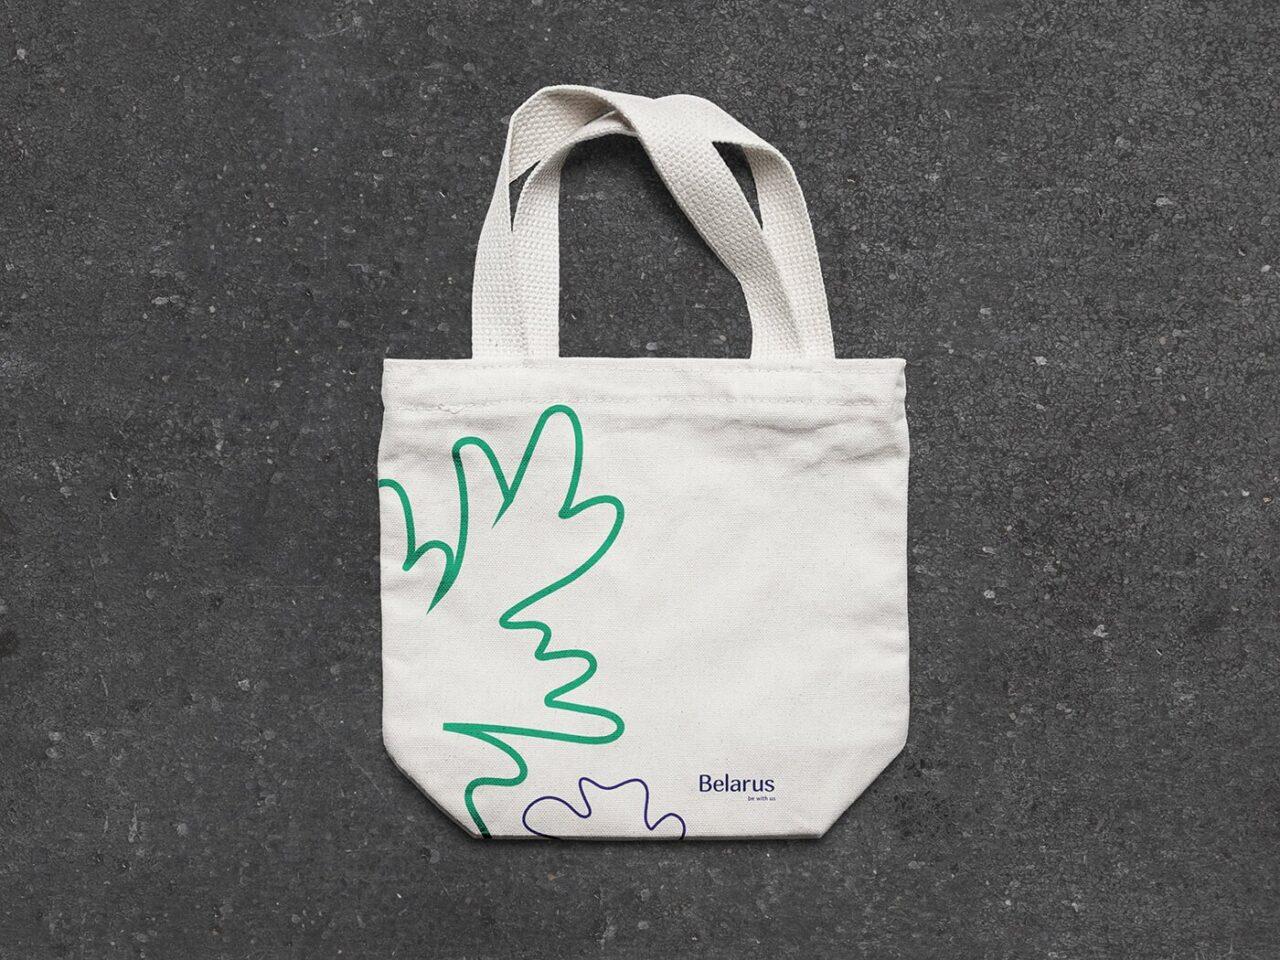 bag-brand-belarus-2018-1